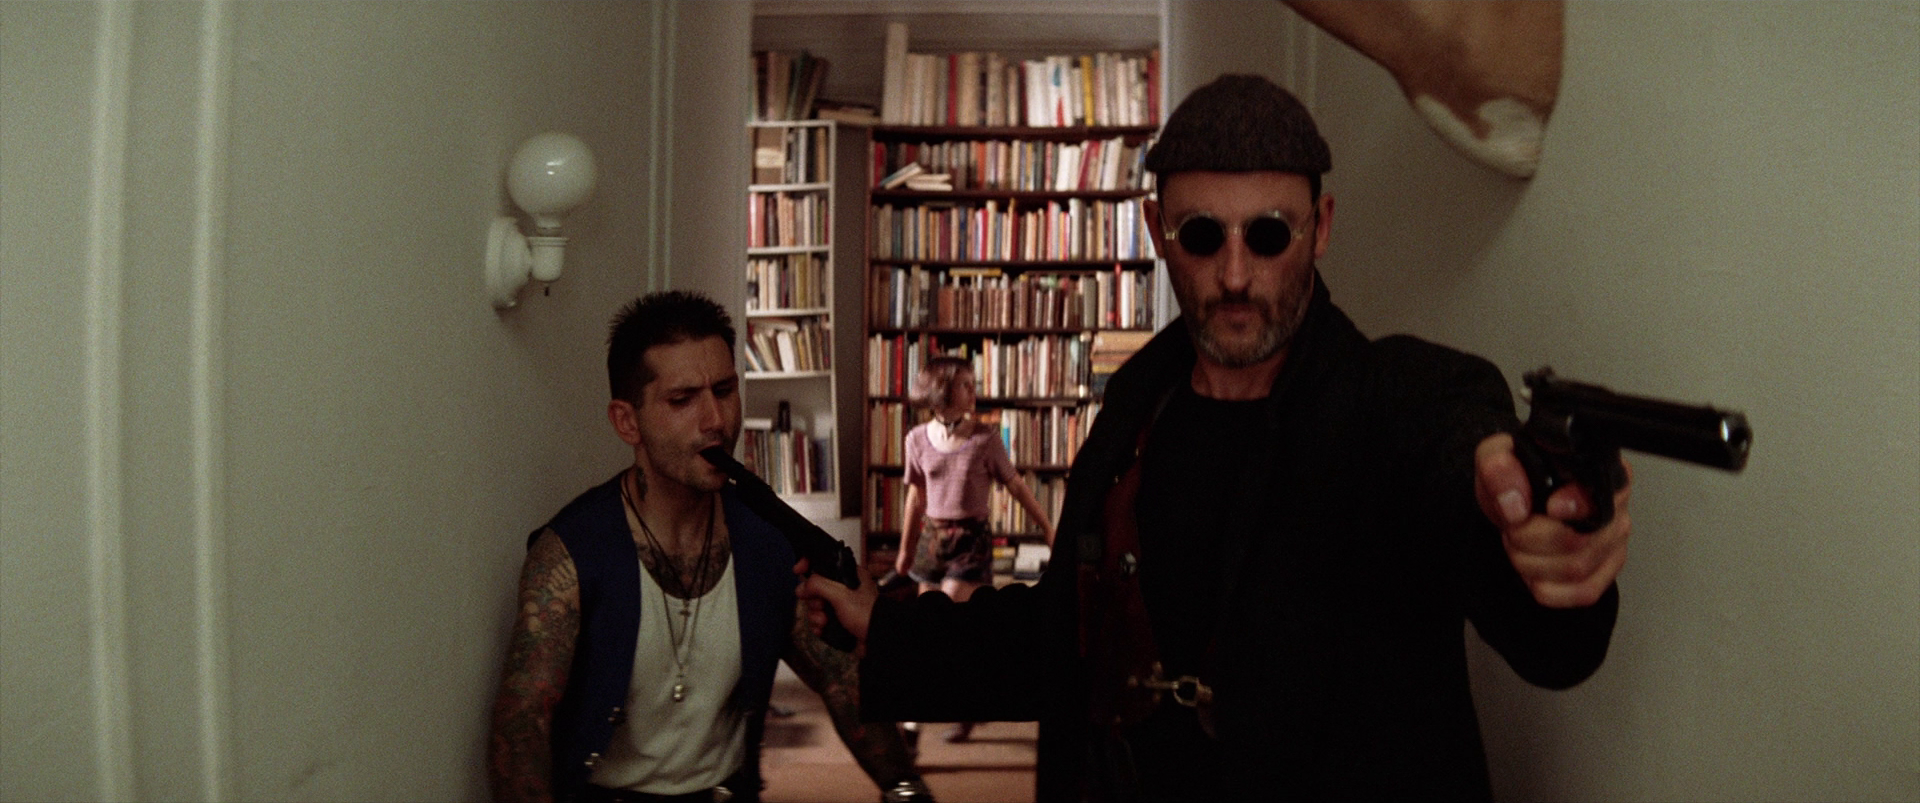 Léon (film) — Wikipédia